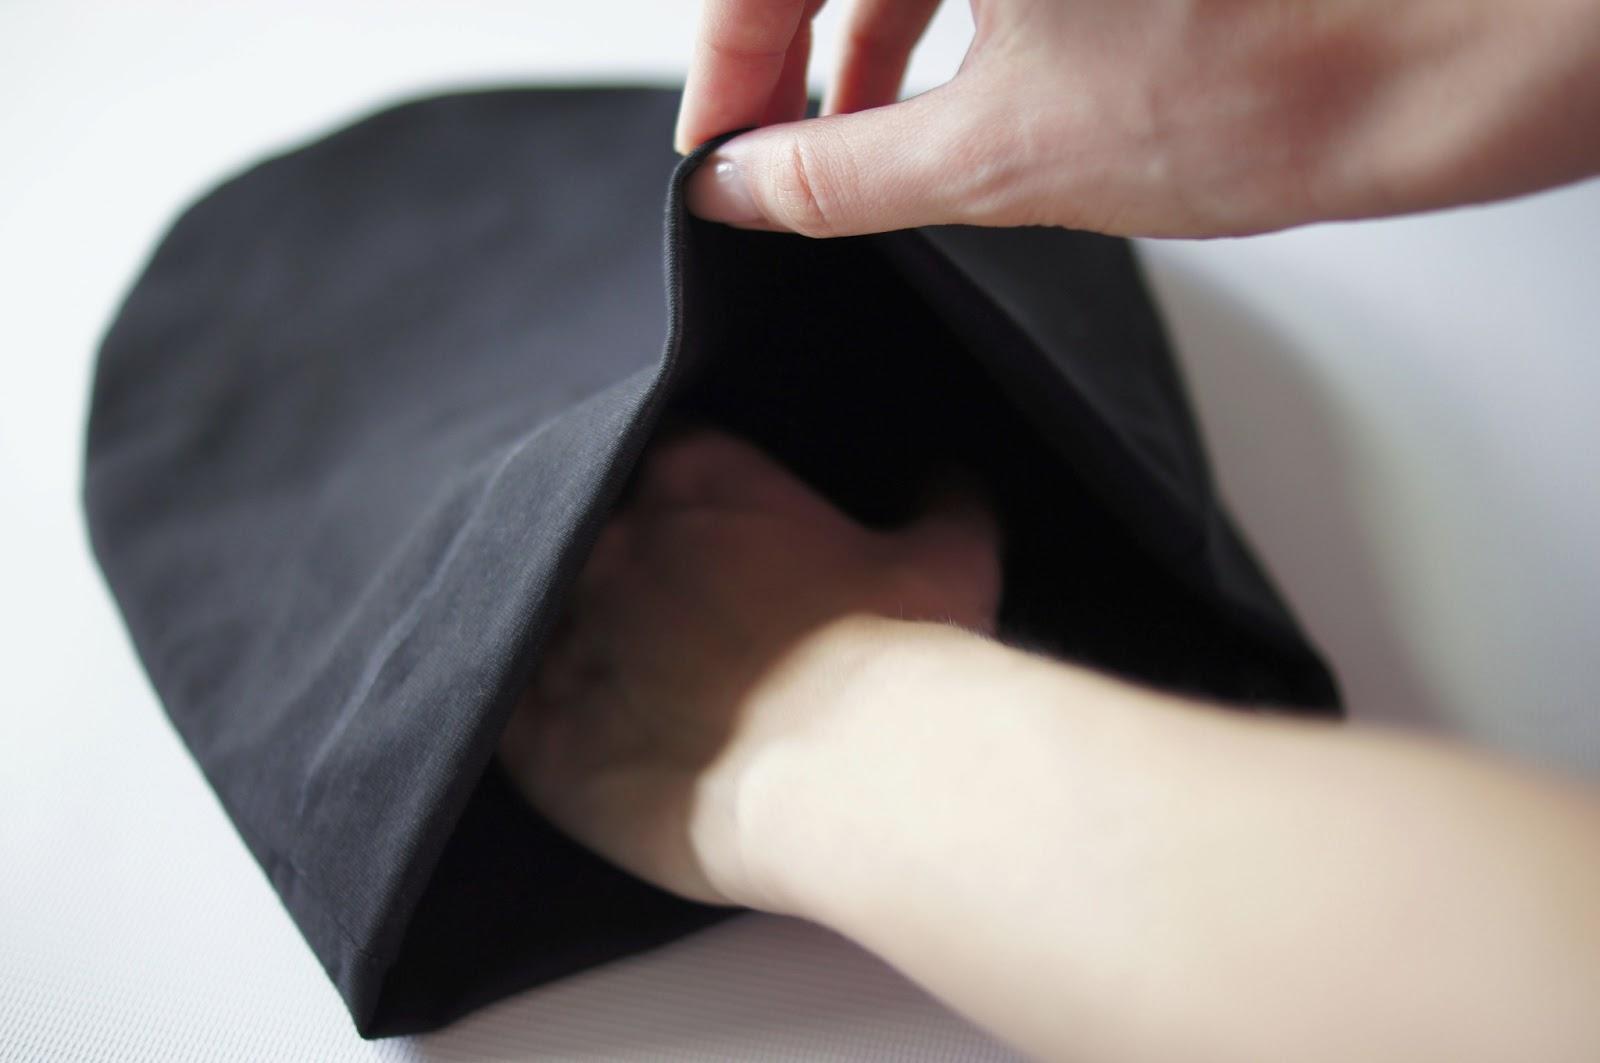 Как уменьшить размер шапки? - Blog - Твое 42